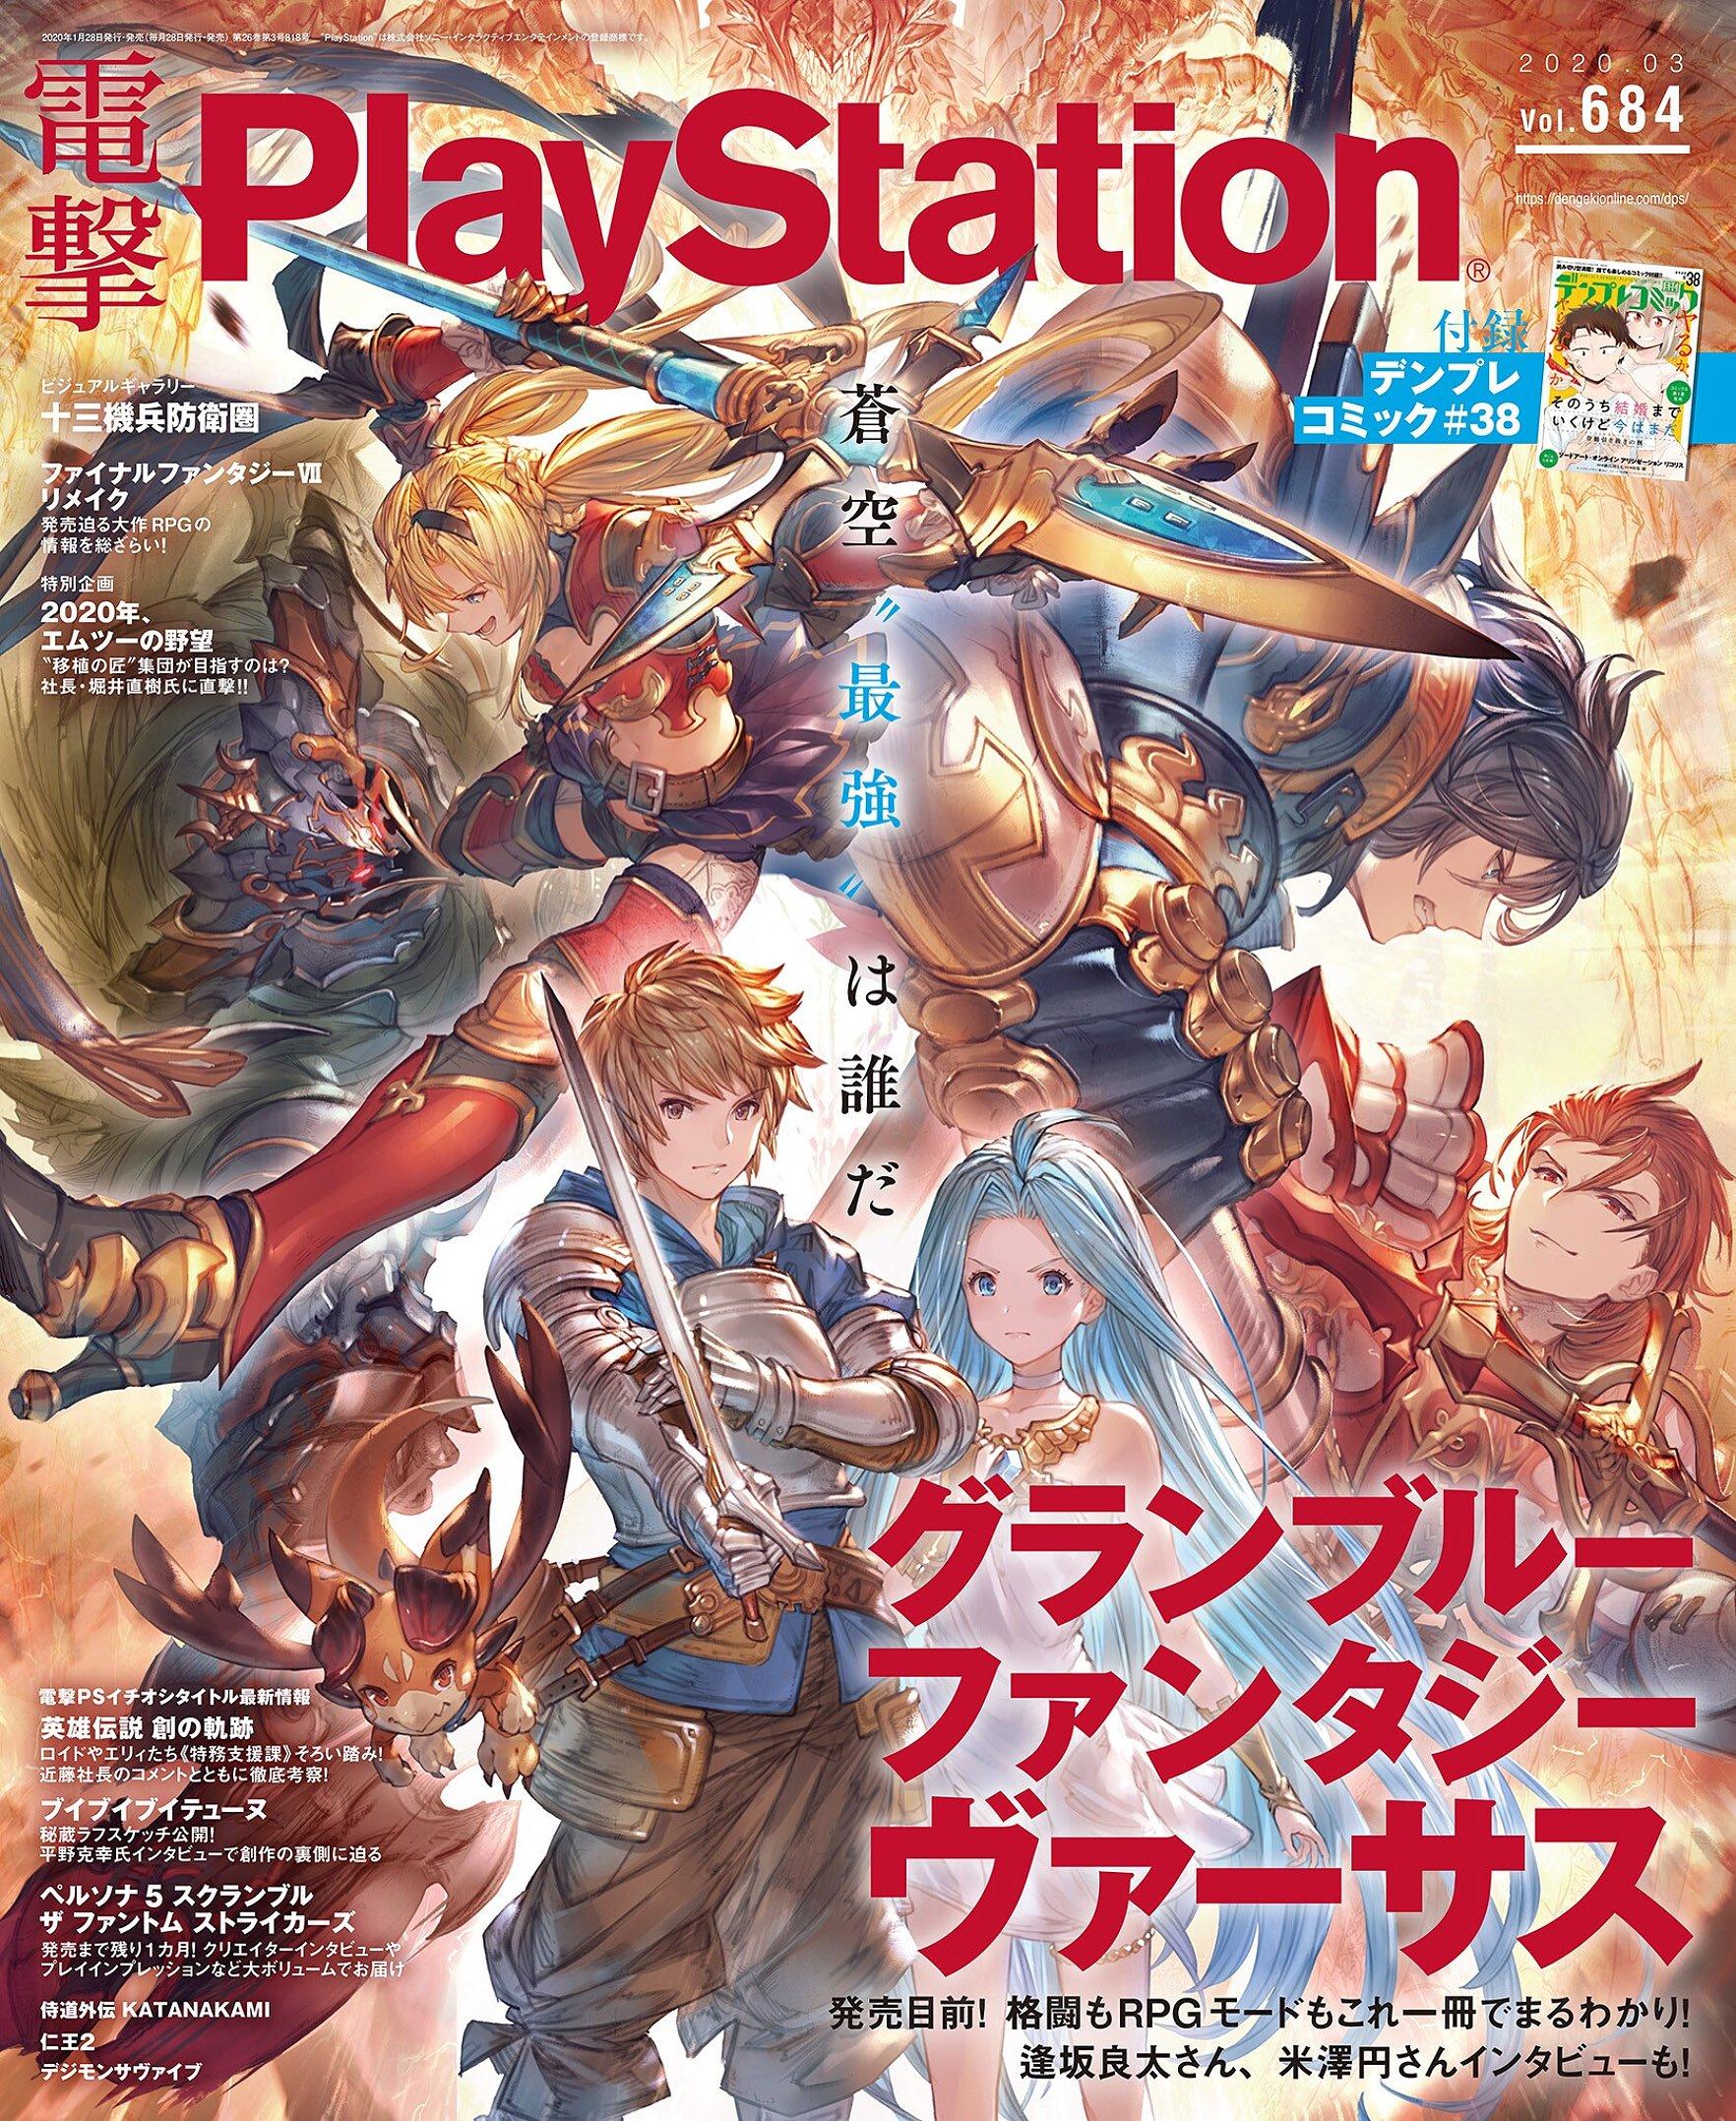 Dengeki PlayStation 684 (March 2020)